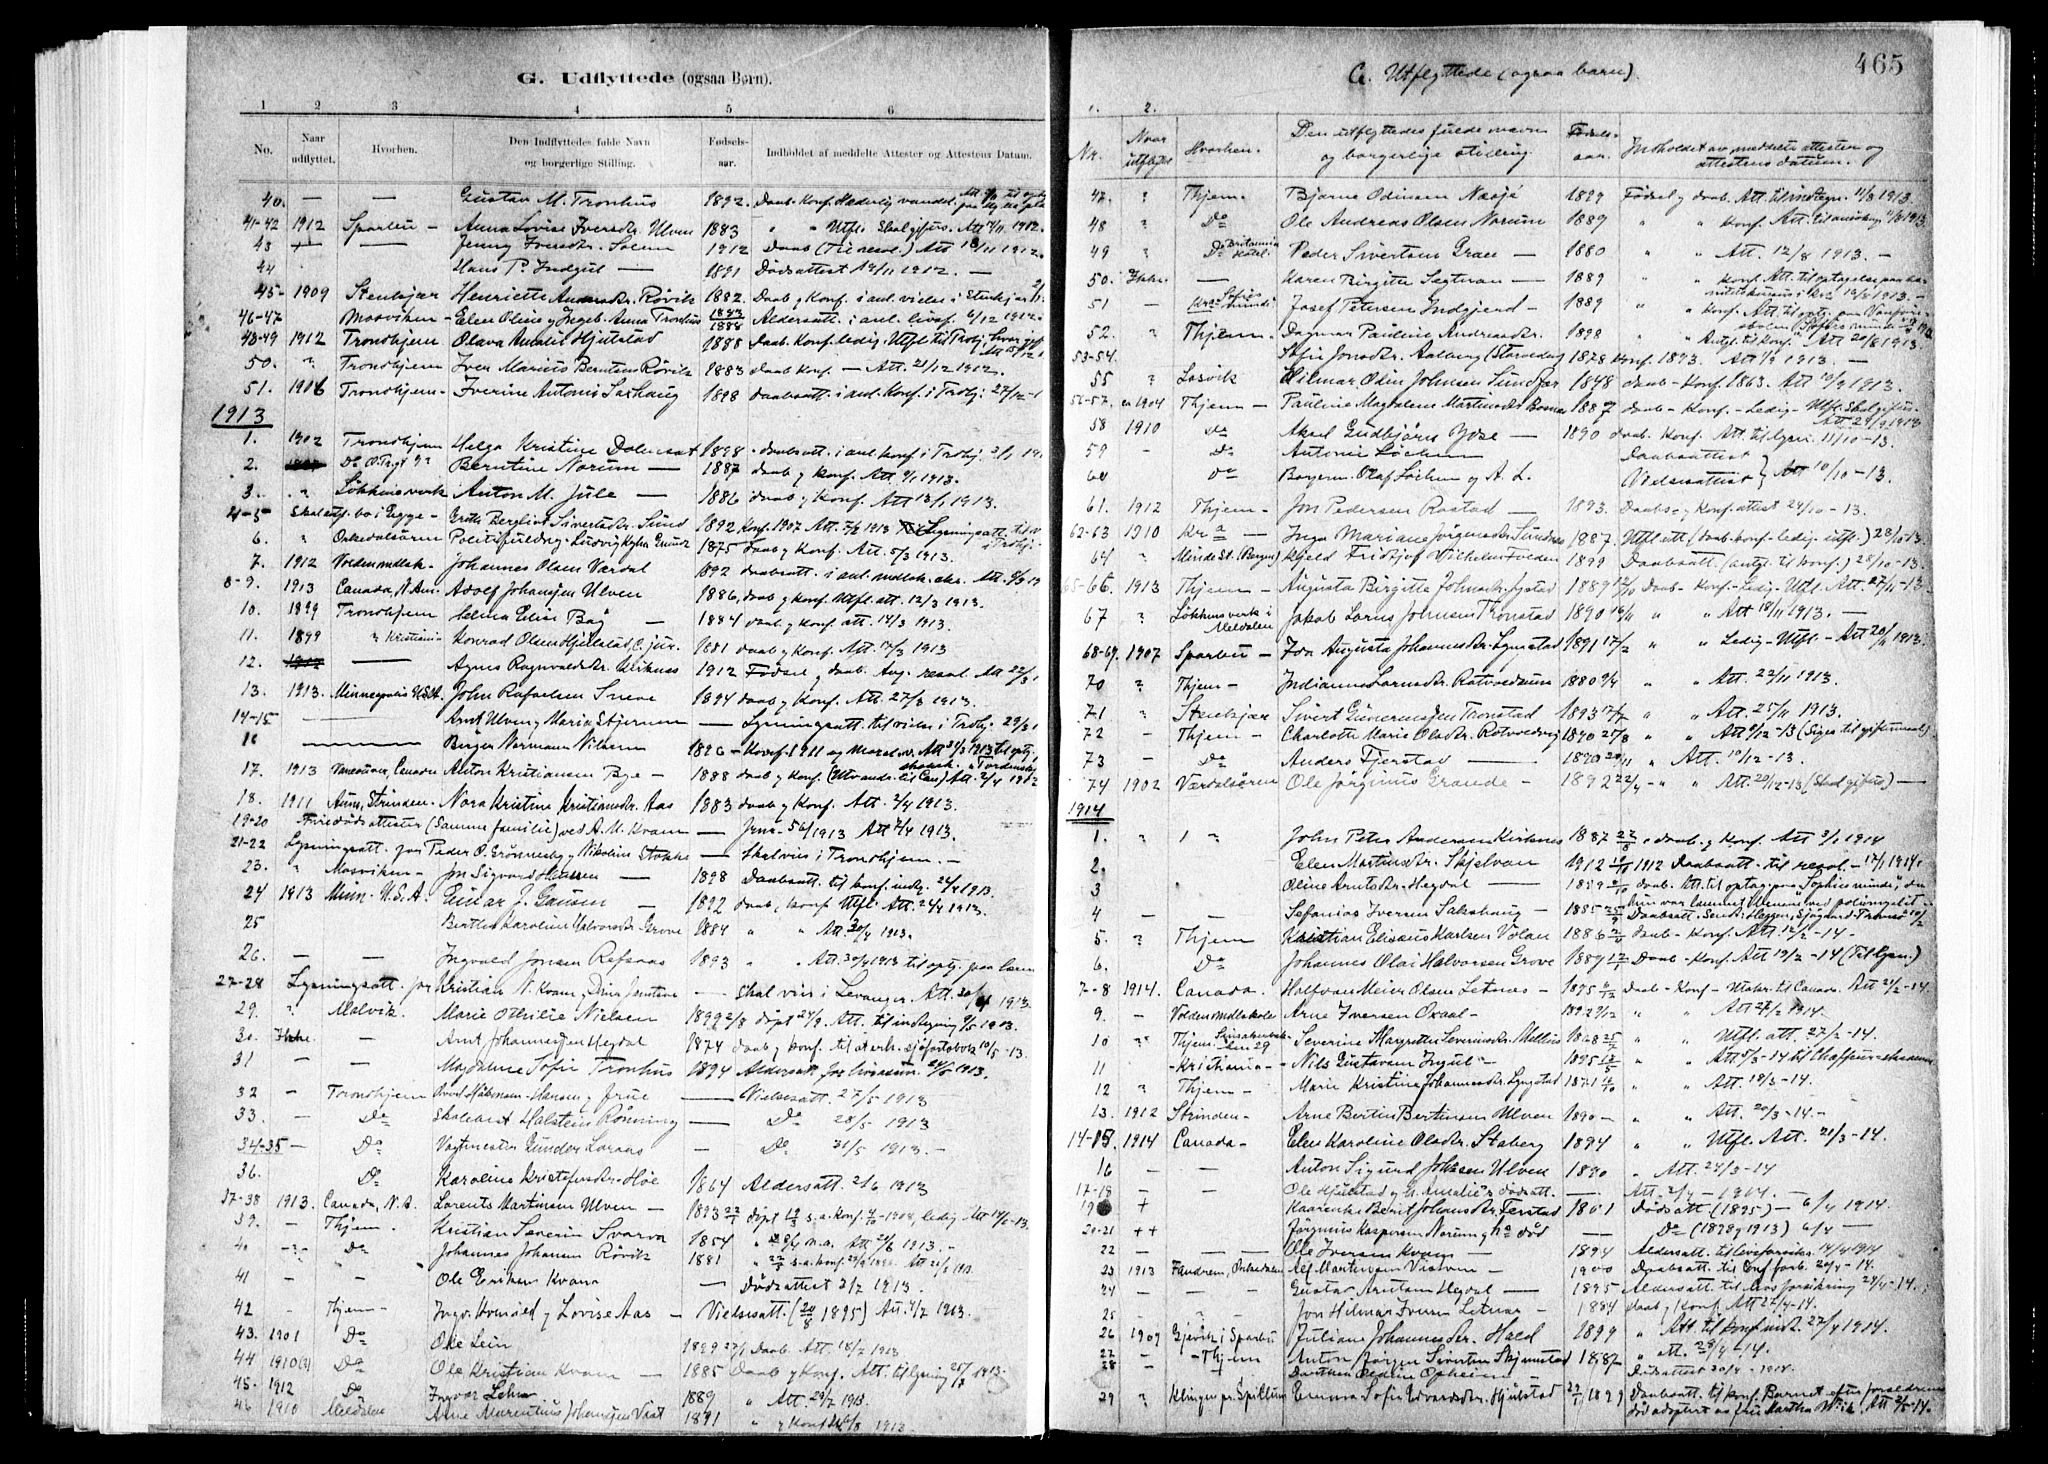 SAT, Ministerialprotokoller, klokkerbøker og fødselsregistre - Nord-Trøndelag, 730/L0285: Ministerialbok nr. 730A10, 1879-1914, s. 465